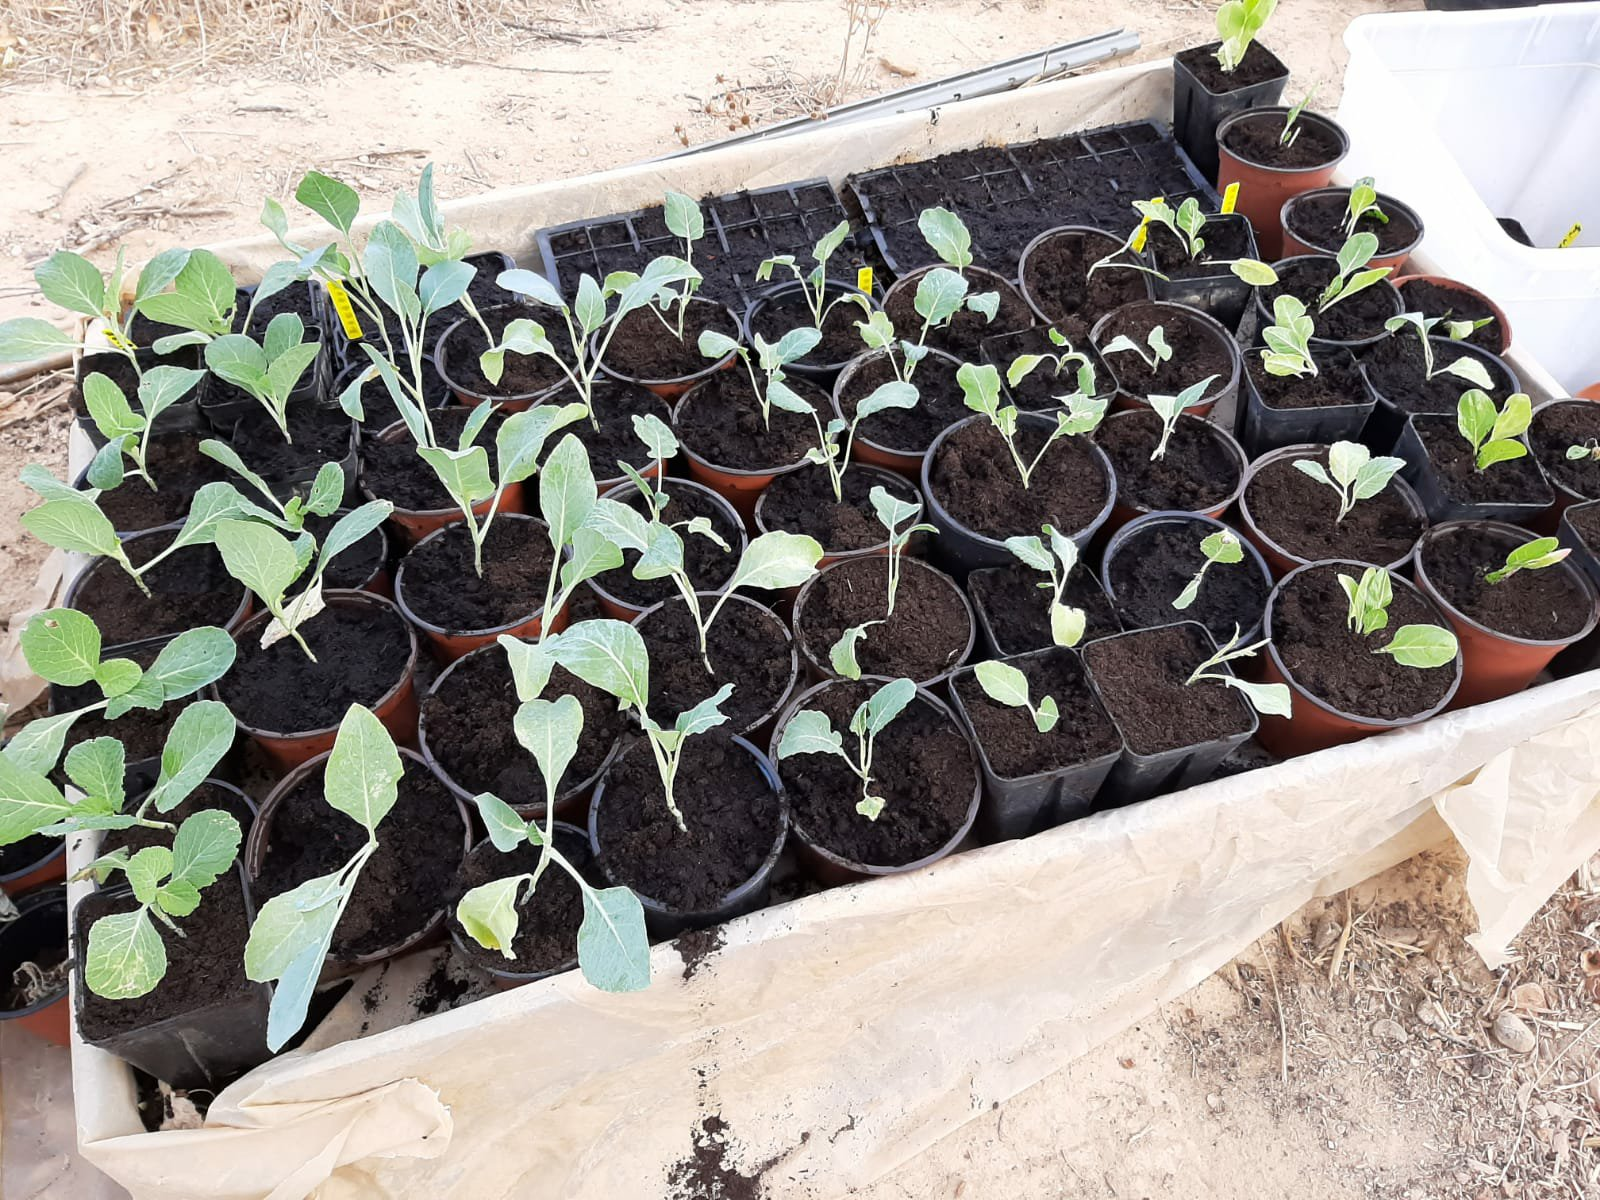 Volunteer day in the permaculture veggie garden.